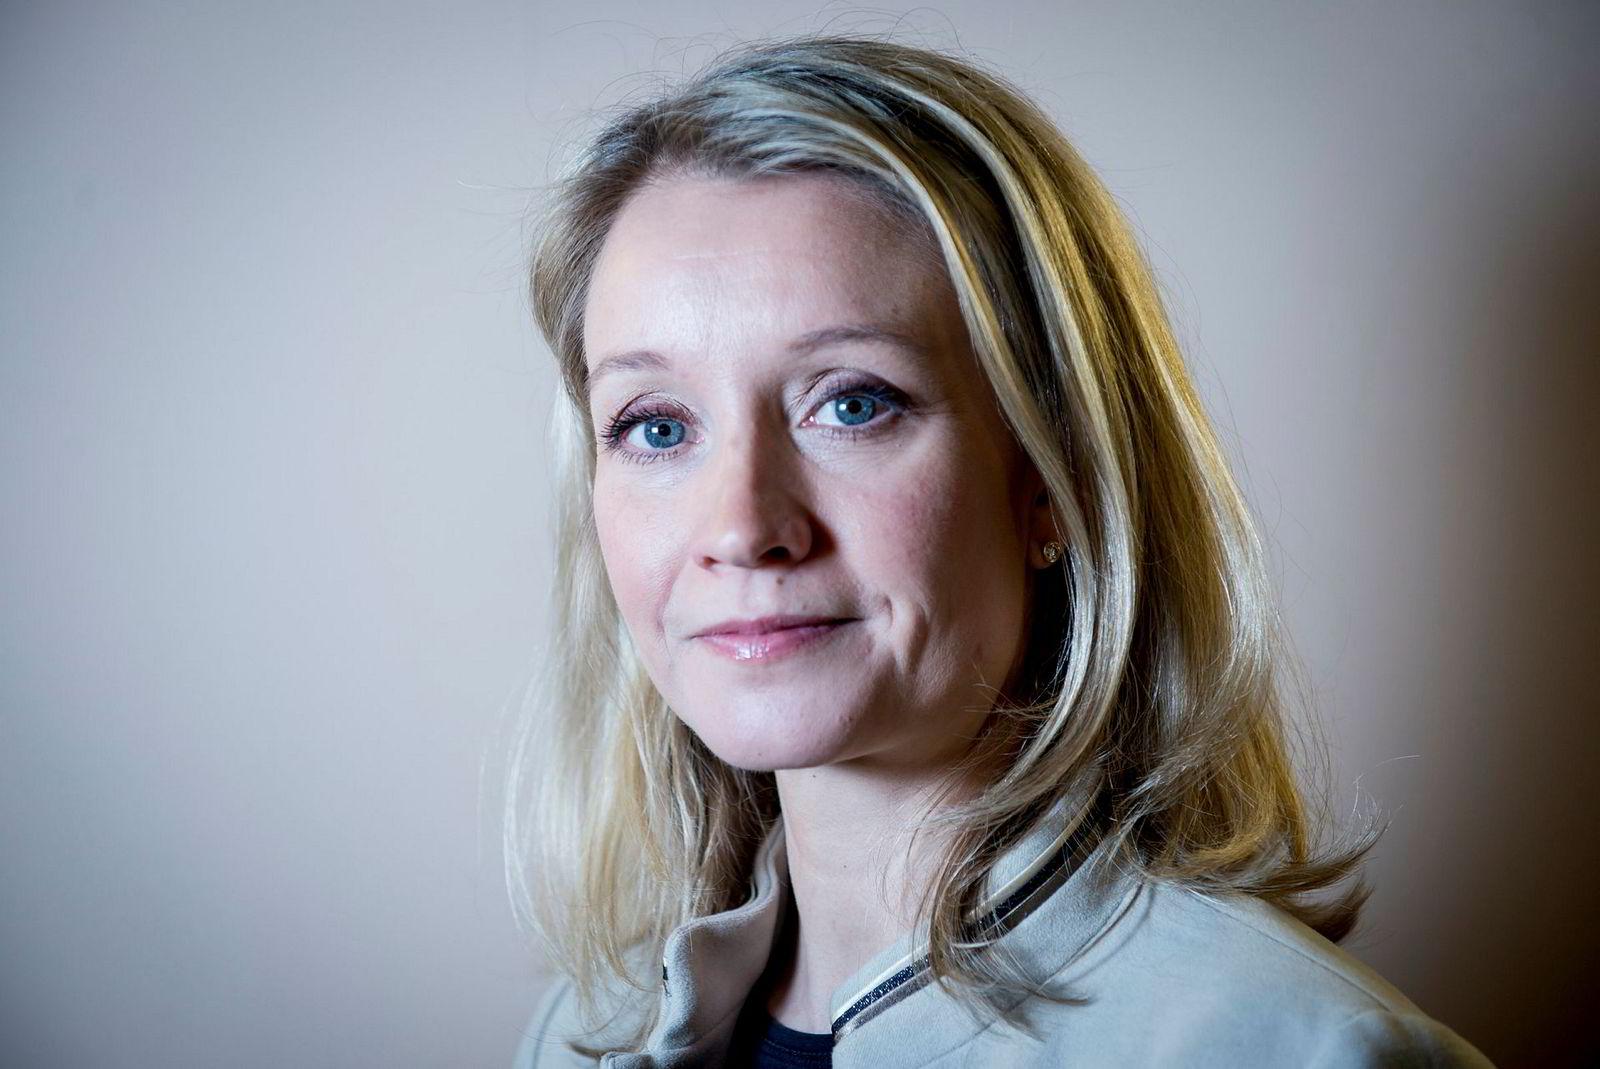 Førsteamanuensis Inger Berg Ørstavik ved UiO mener de ferske avgjørelsene fra klagenemnda er i tråd med praksisen på varemerkeområdet.